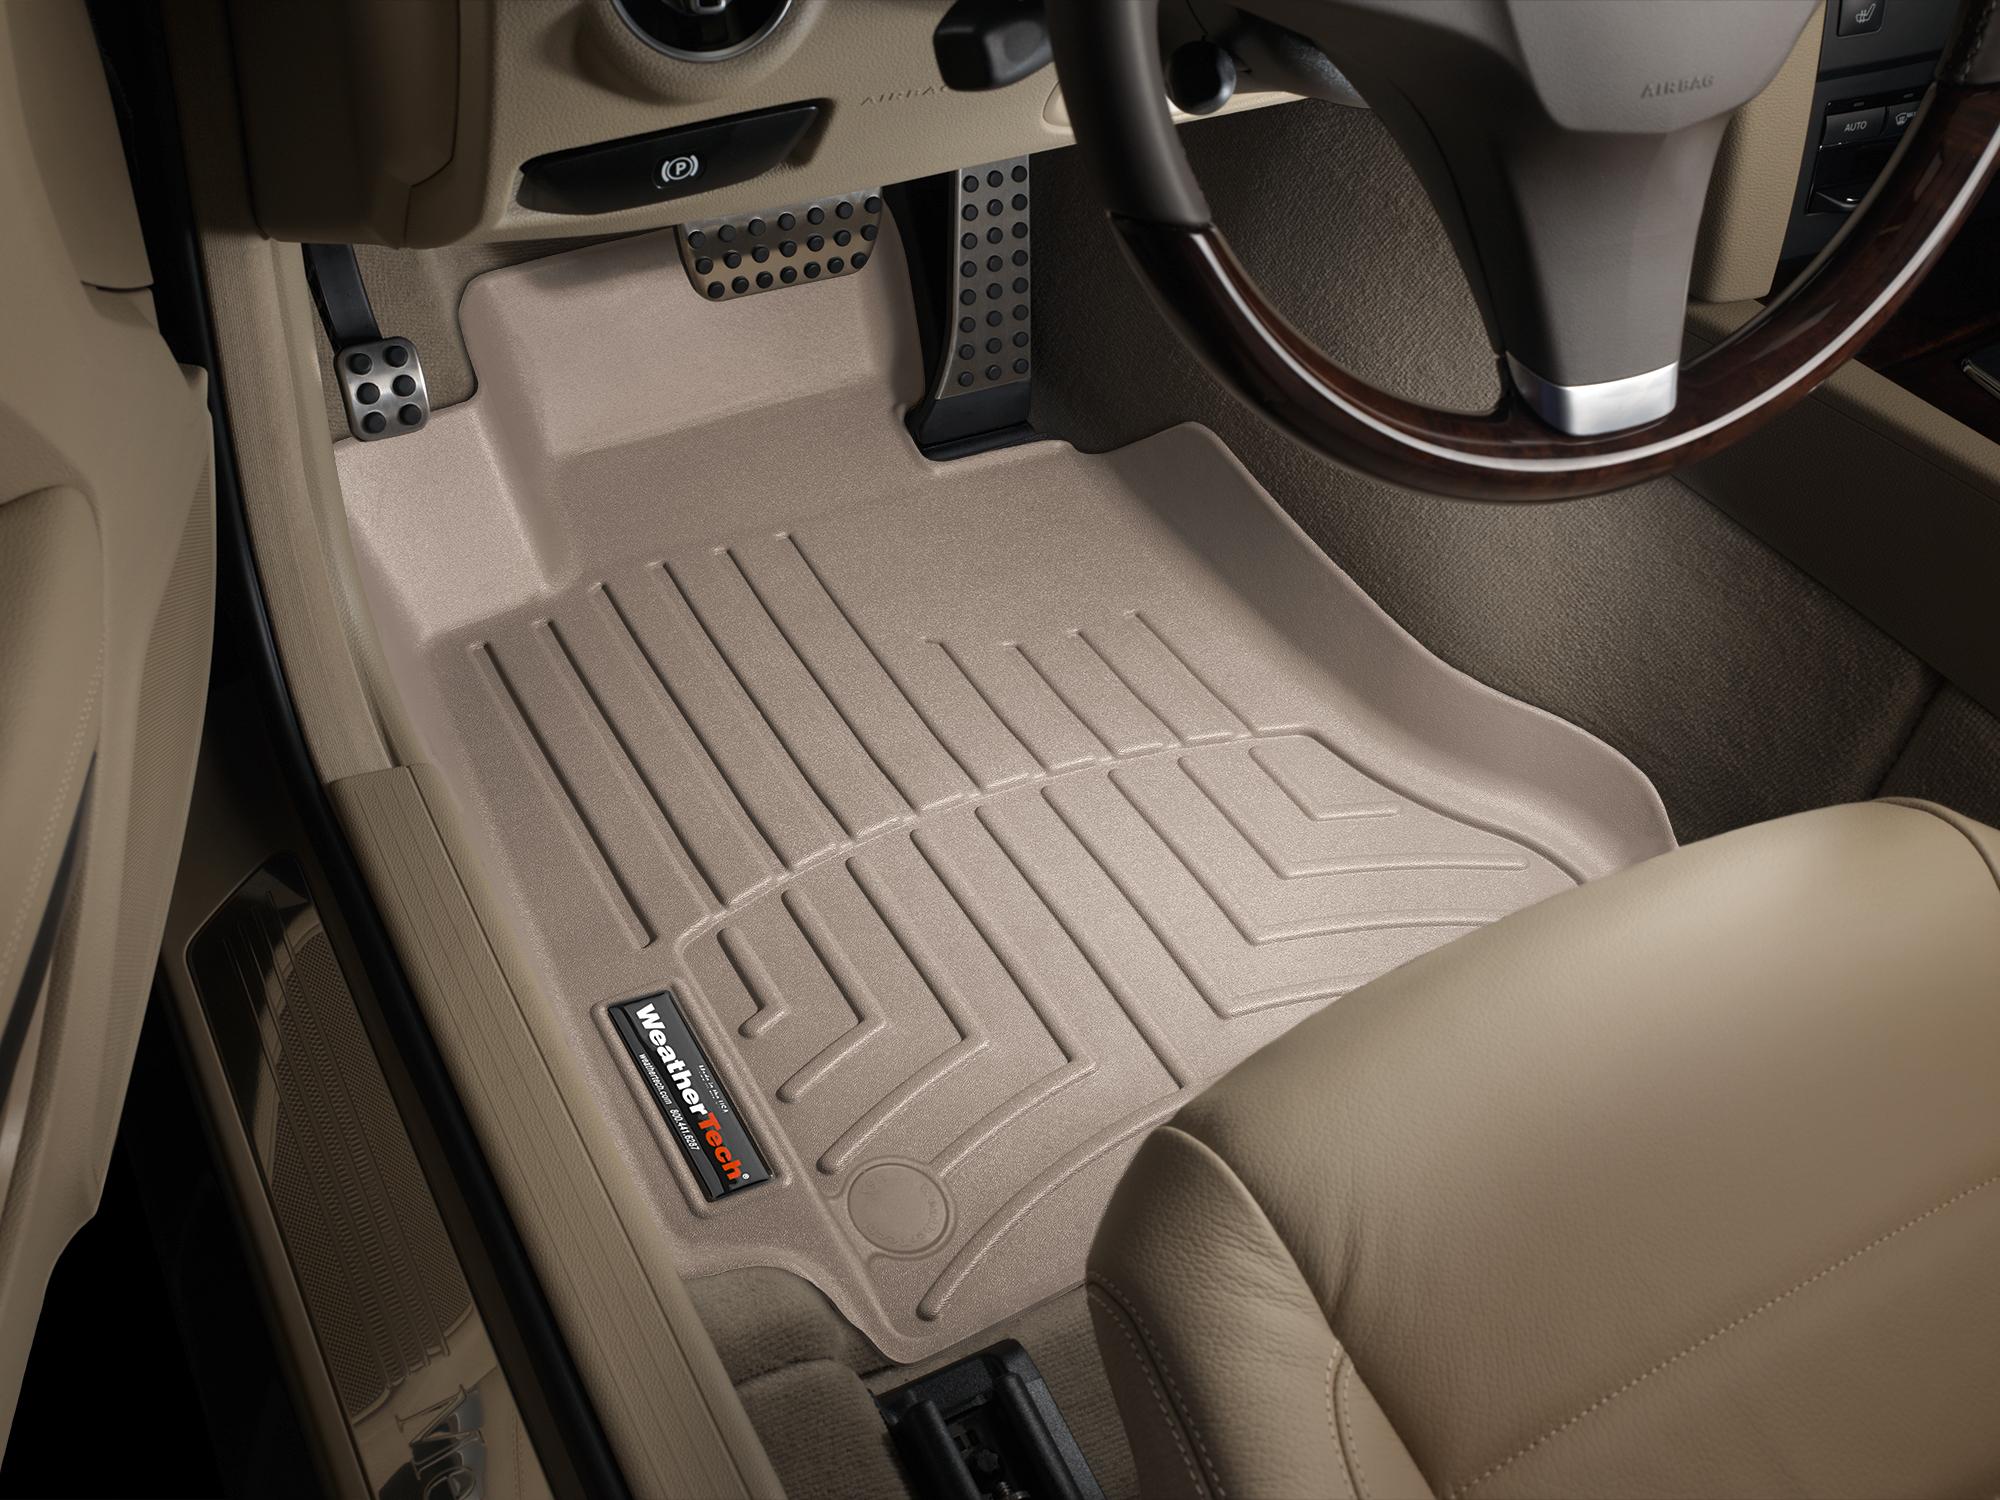 Tappeti gomma su misura bordo alto Mercedes E-Class 12>14 Marrone A2403*